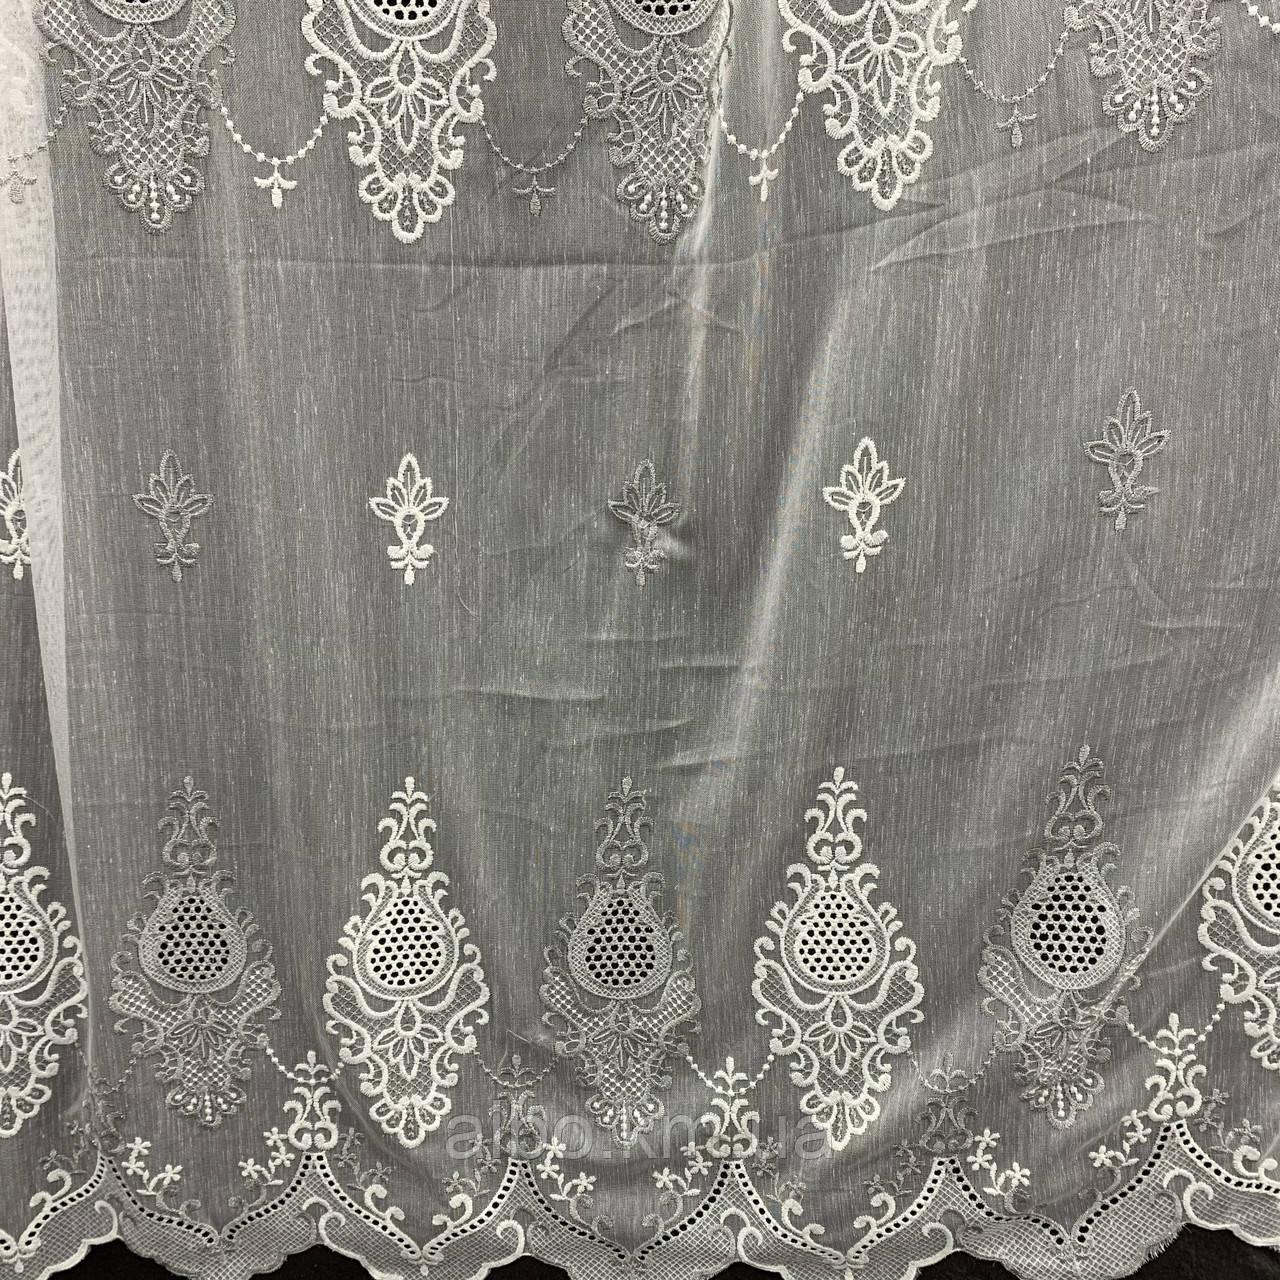 Красивый кремовый тюль из льна с вышивкой кремового и серого  цвета на метраж, высота 3 м